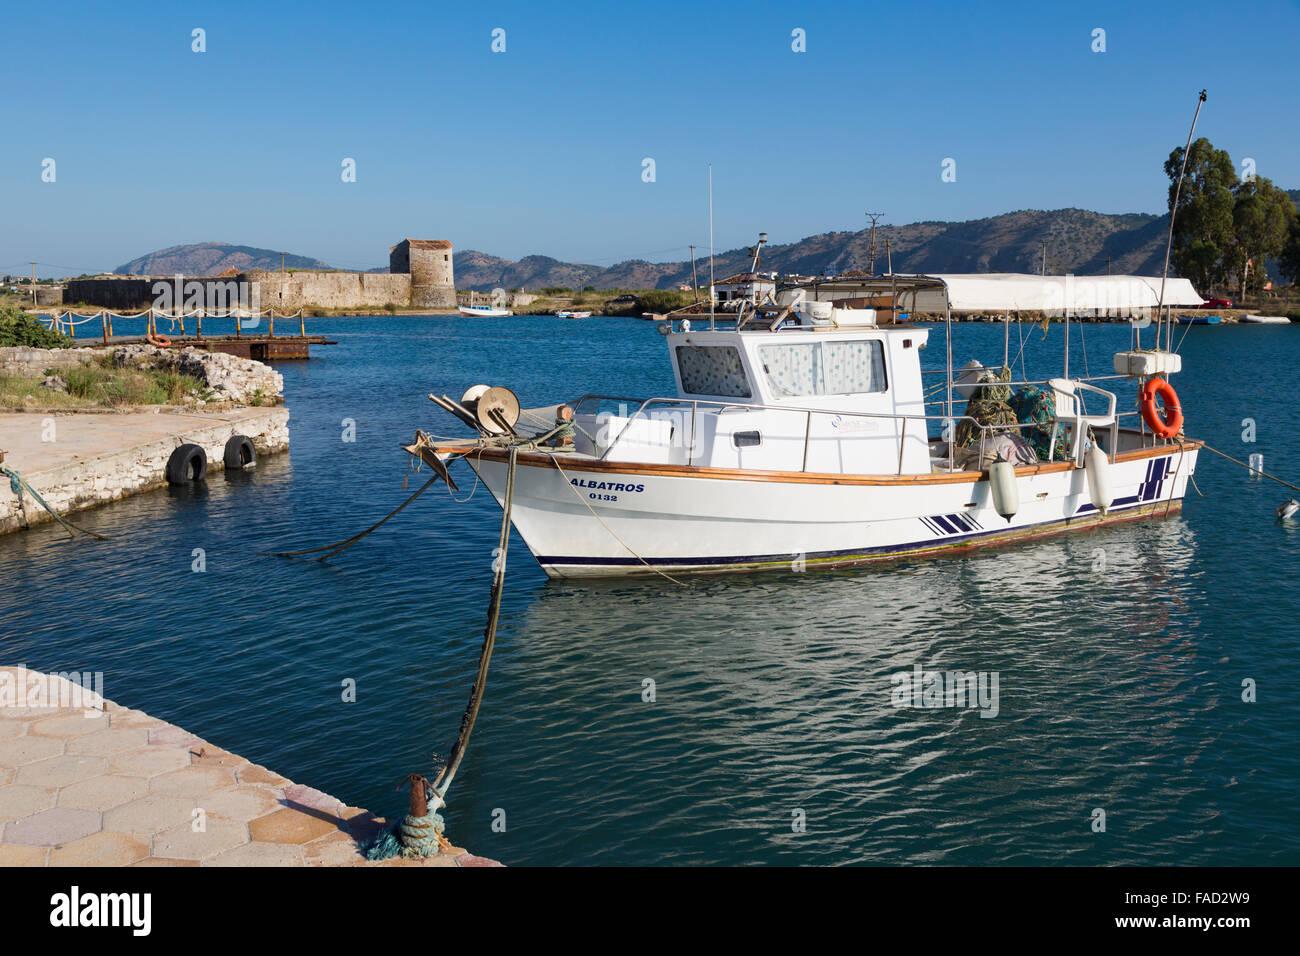 Butrint, Albanie. Bateau de pêche amarrés dans le canal de Vivari avant du site archéologique. Photo Stock